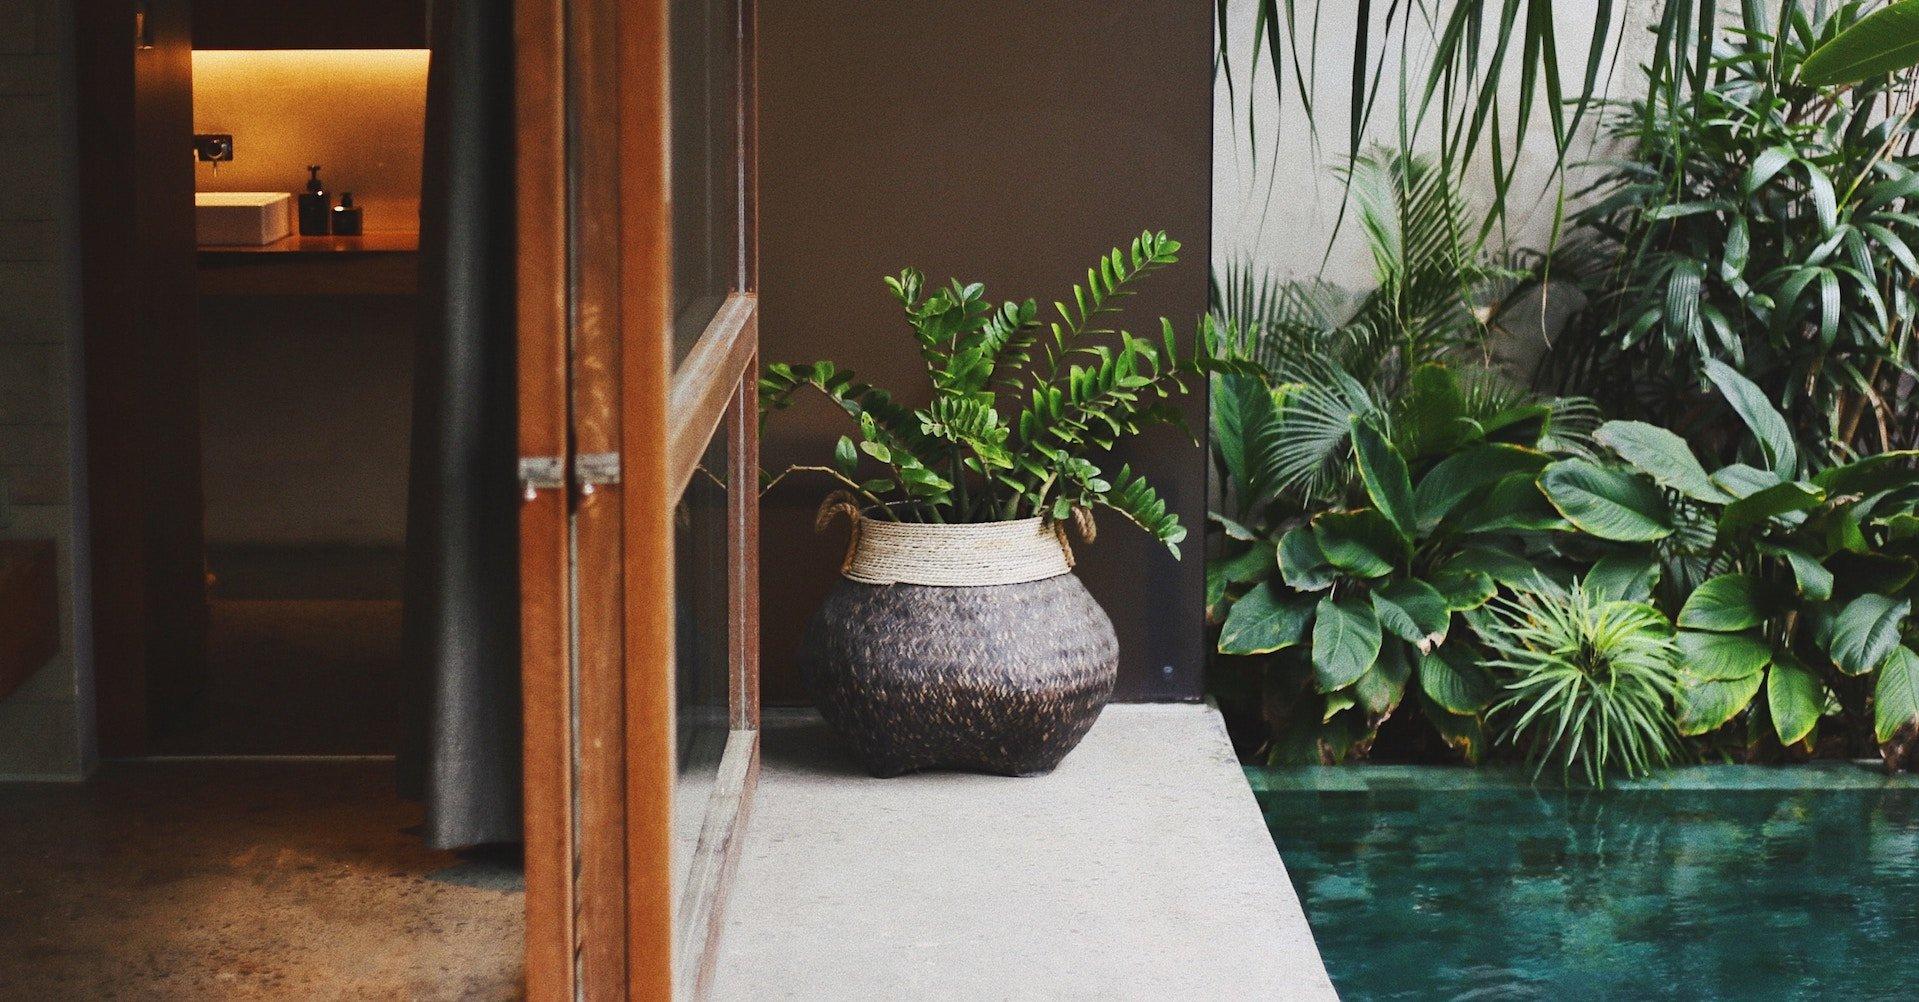 Grön planta i ett rum